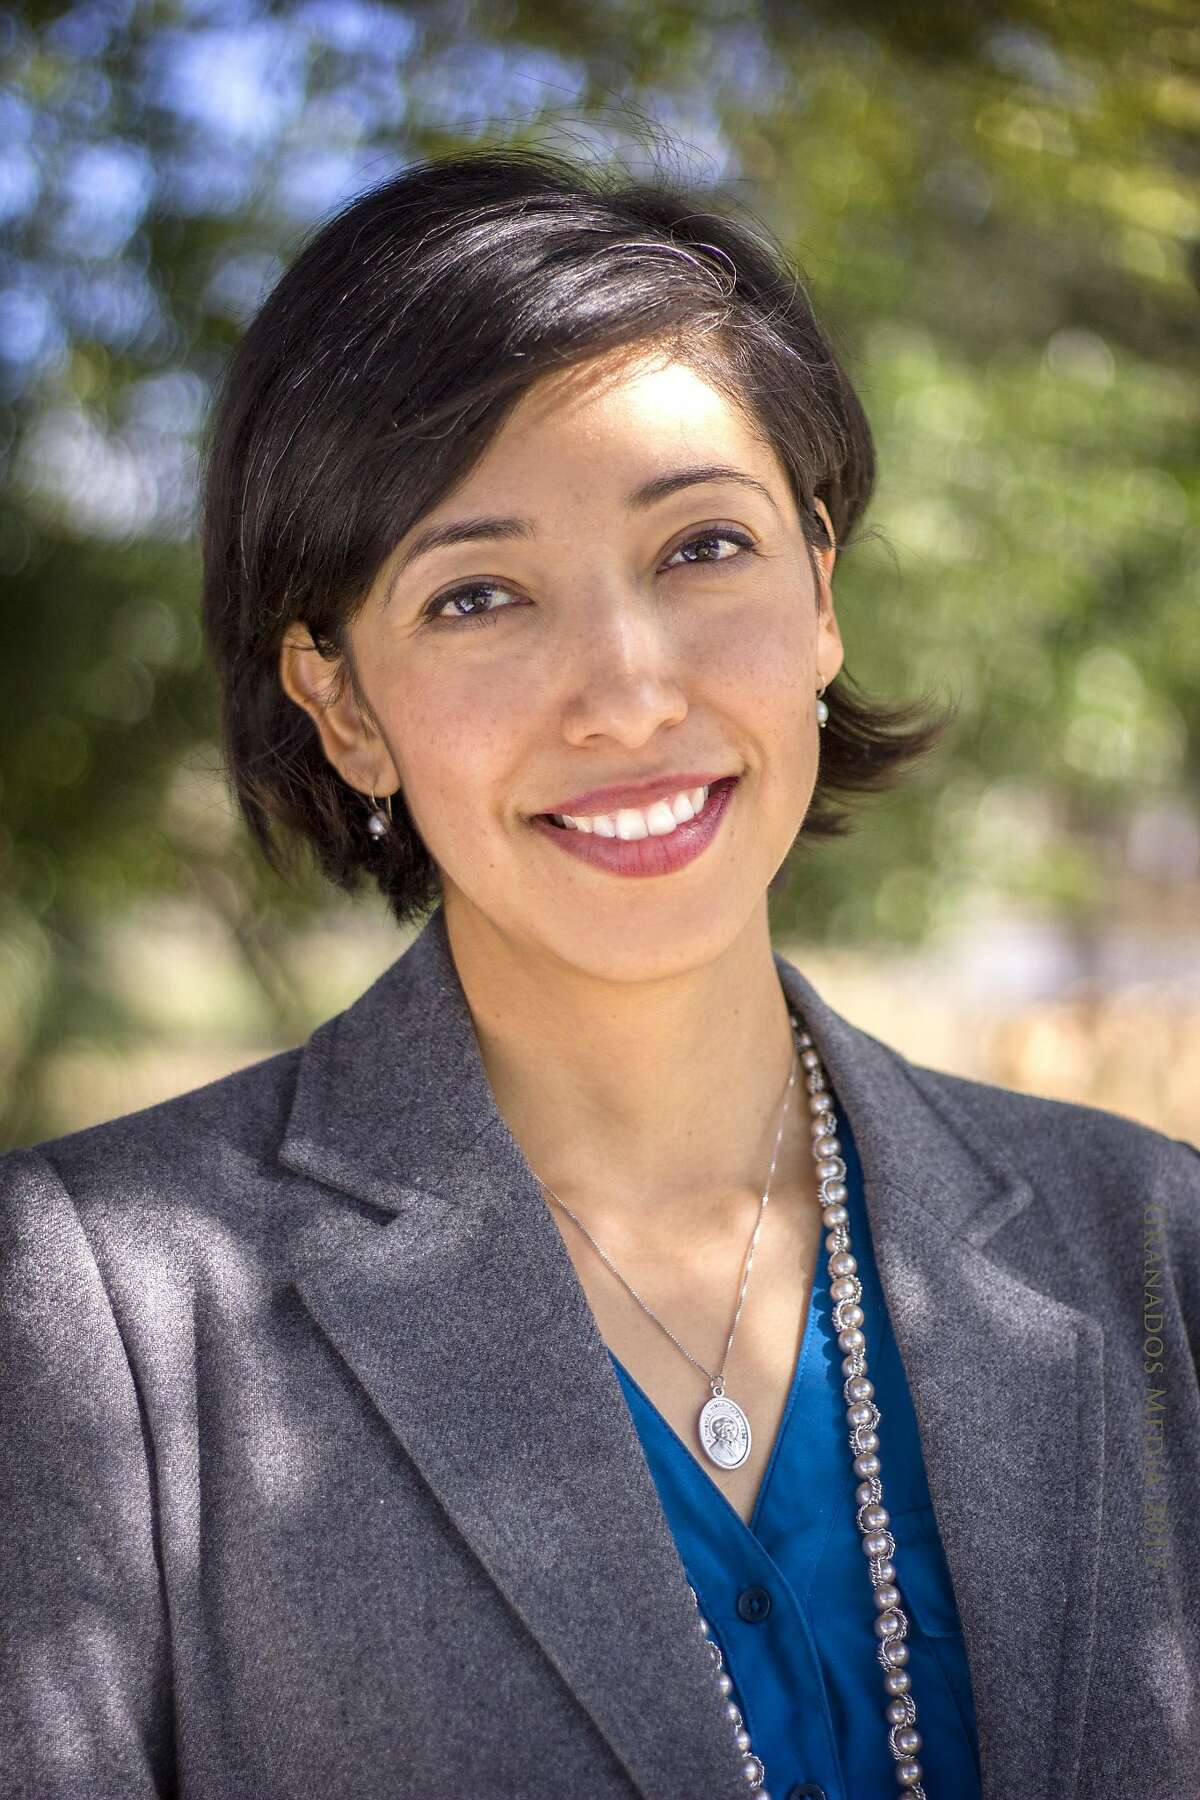 Ana Sandoval